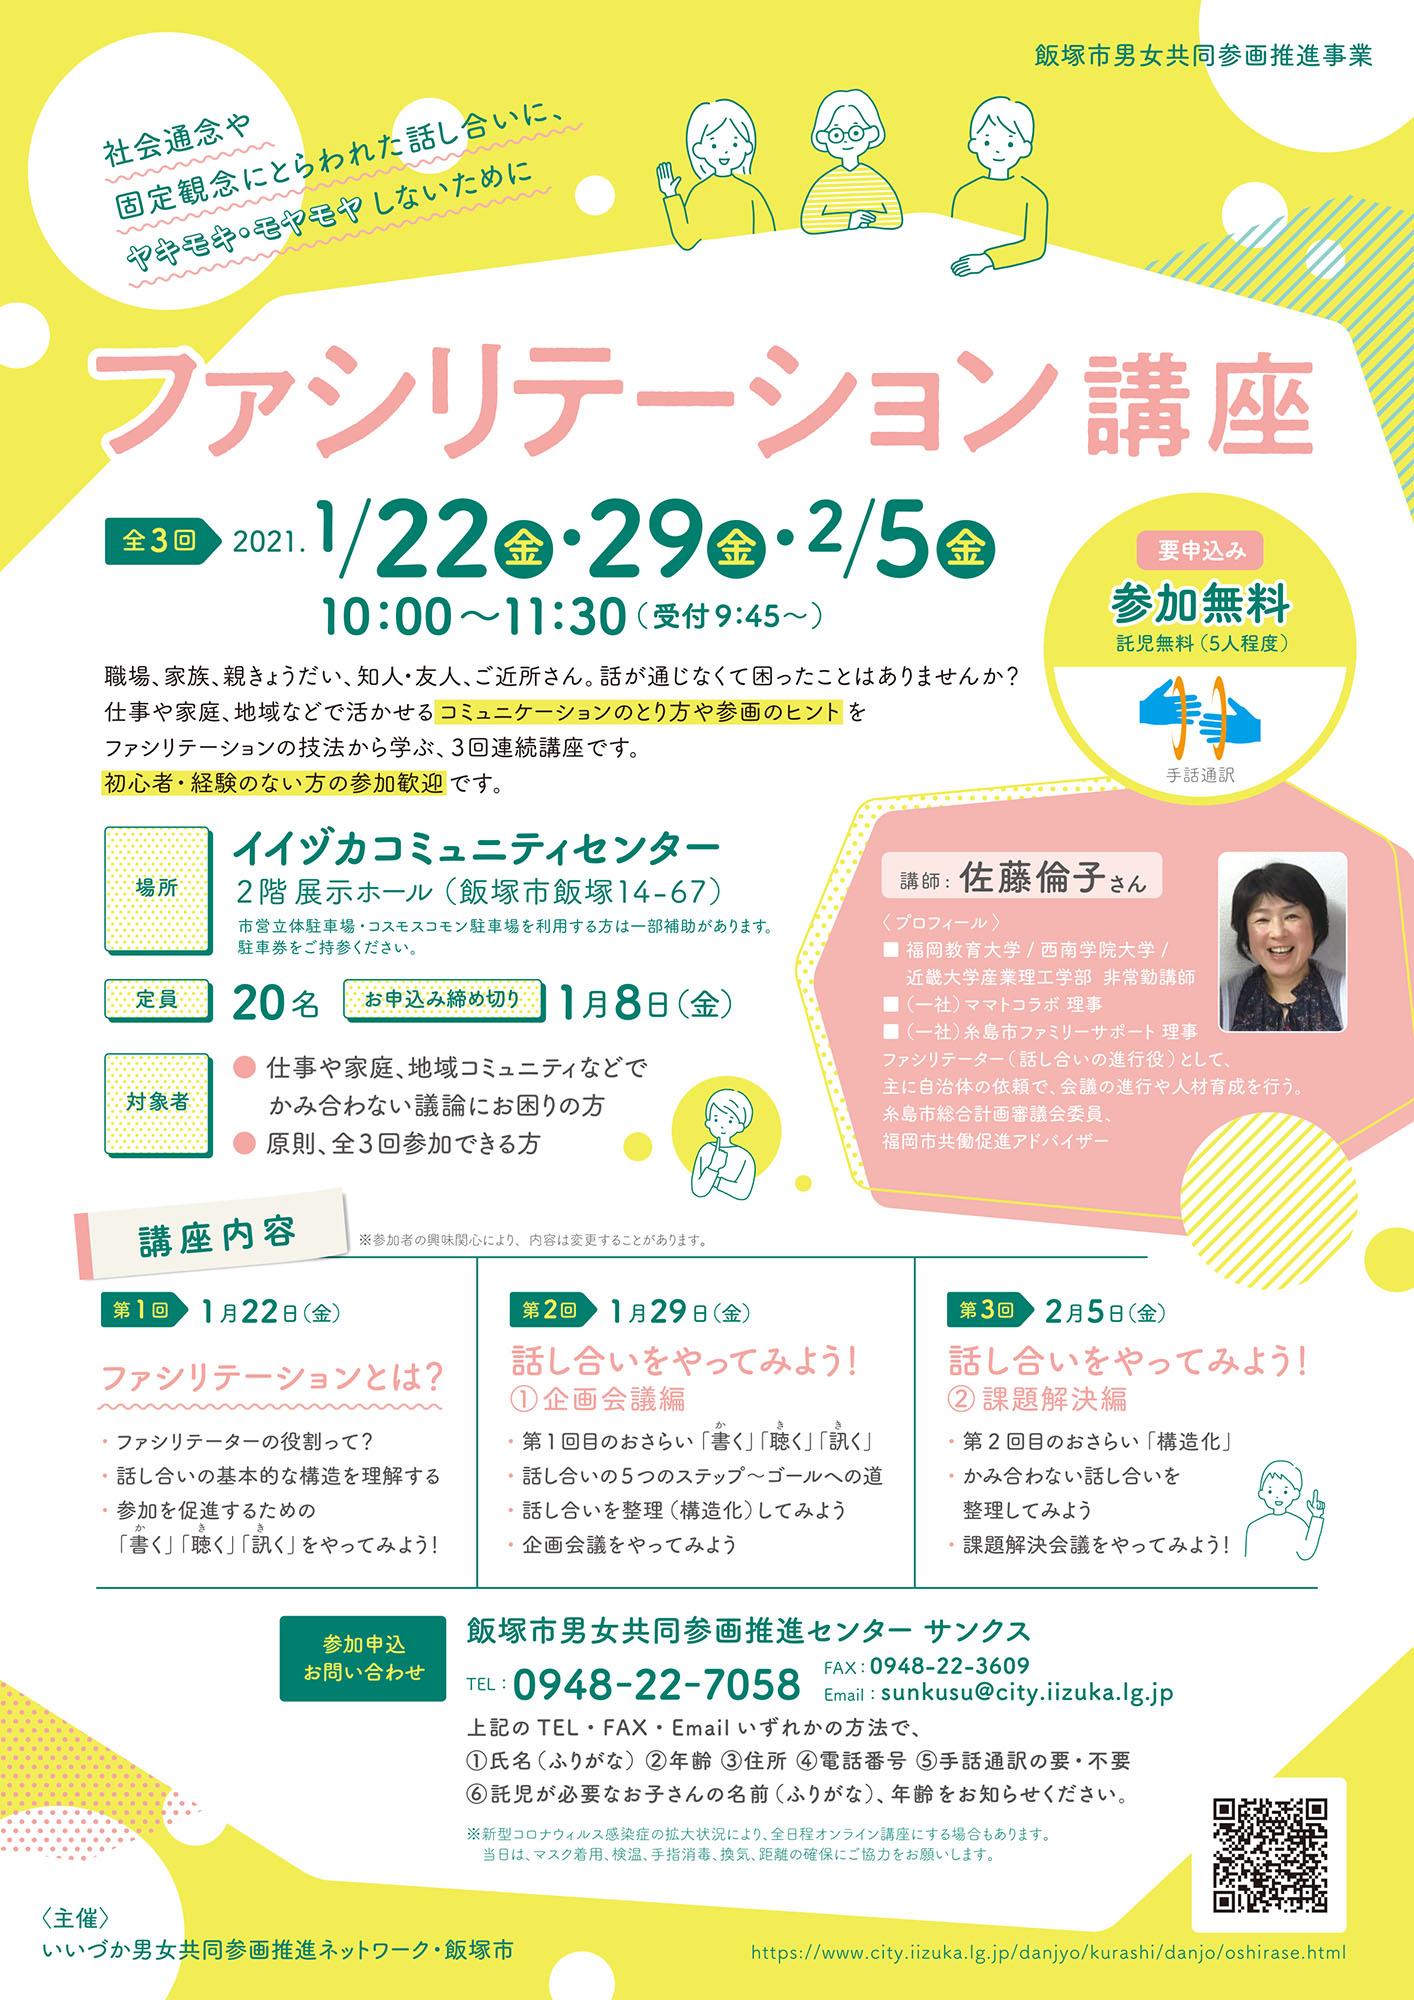 飯塚市 ファシリテーション講座